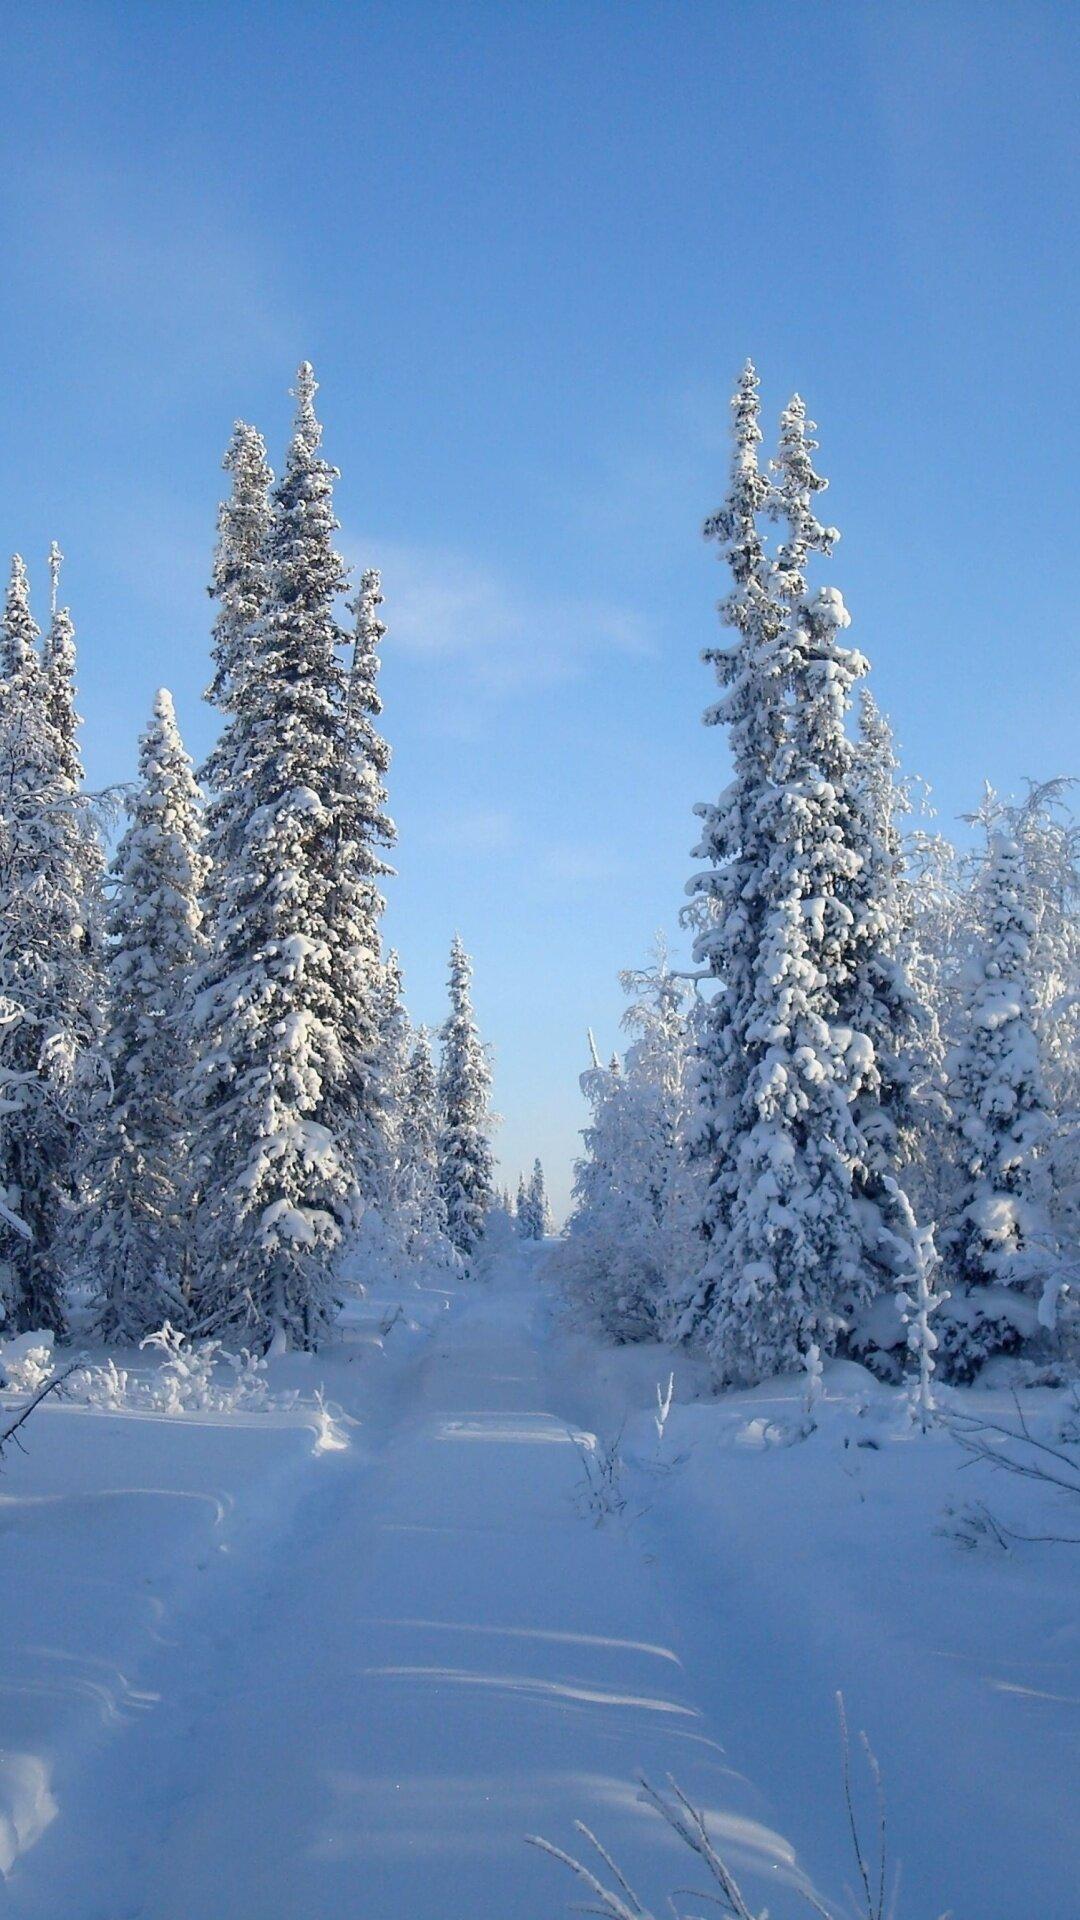 фото зимы леса на телефон нож небольшими размерами